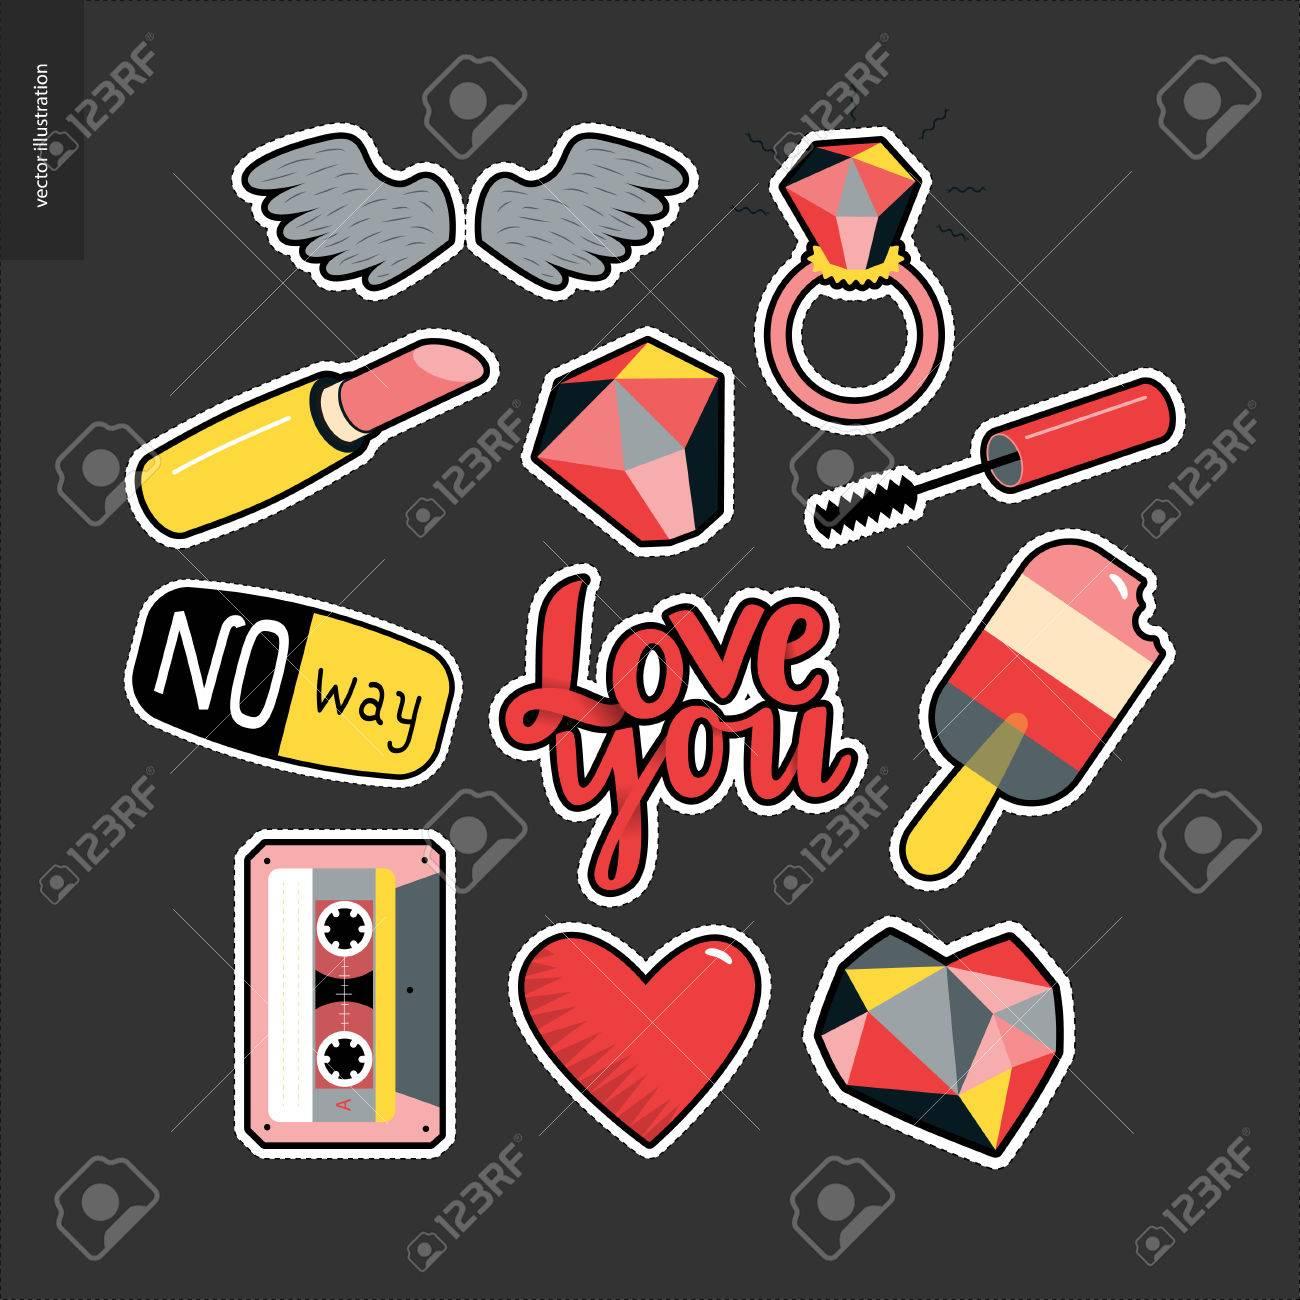 Conjunto De Elementos De Parches De Niña Contemporáneos Un Conjunto De Vector Las Niñas Cosas Como Maquillaje Corazones Frases Que Amor El Odio